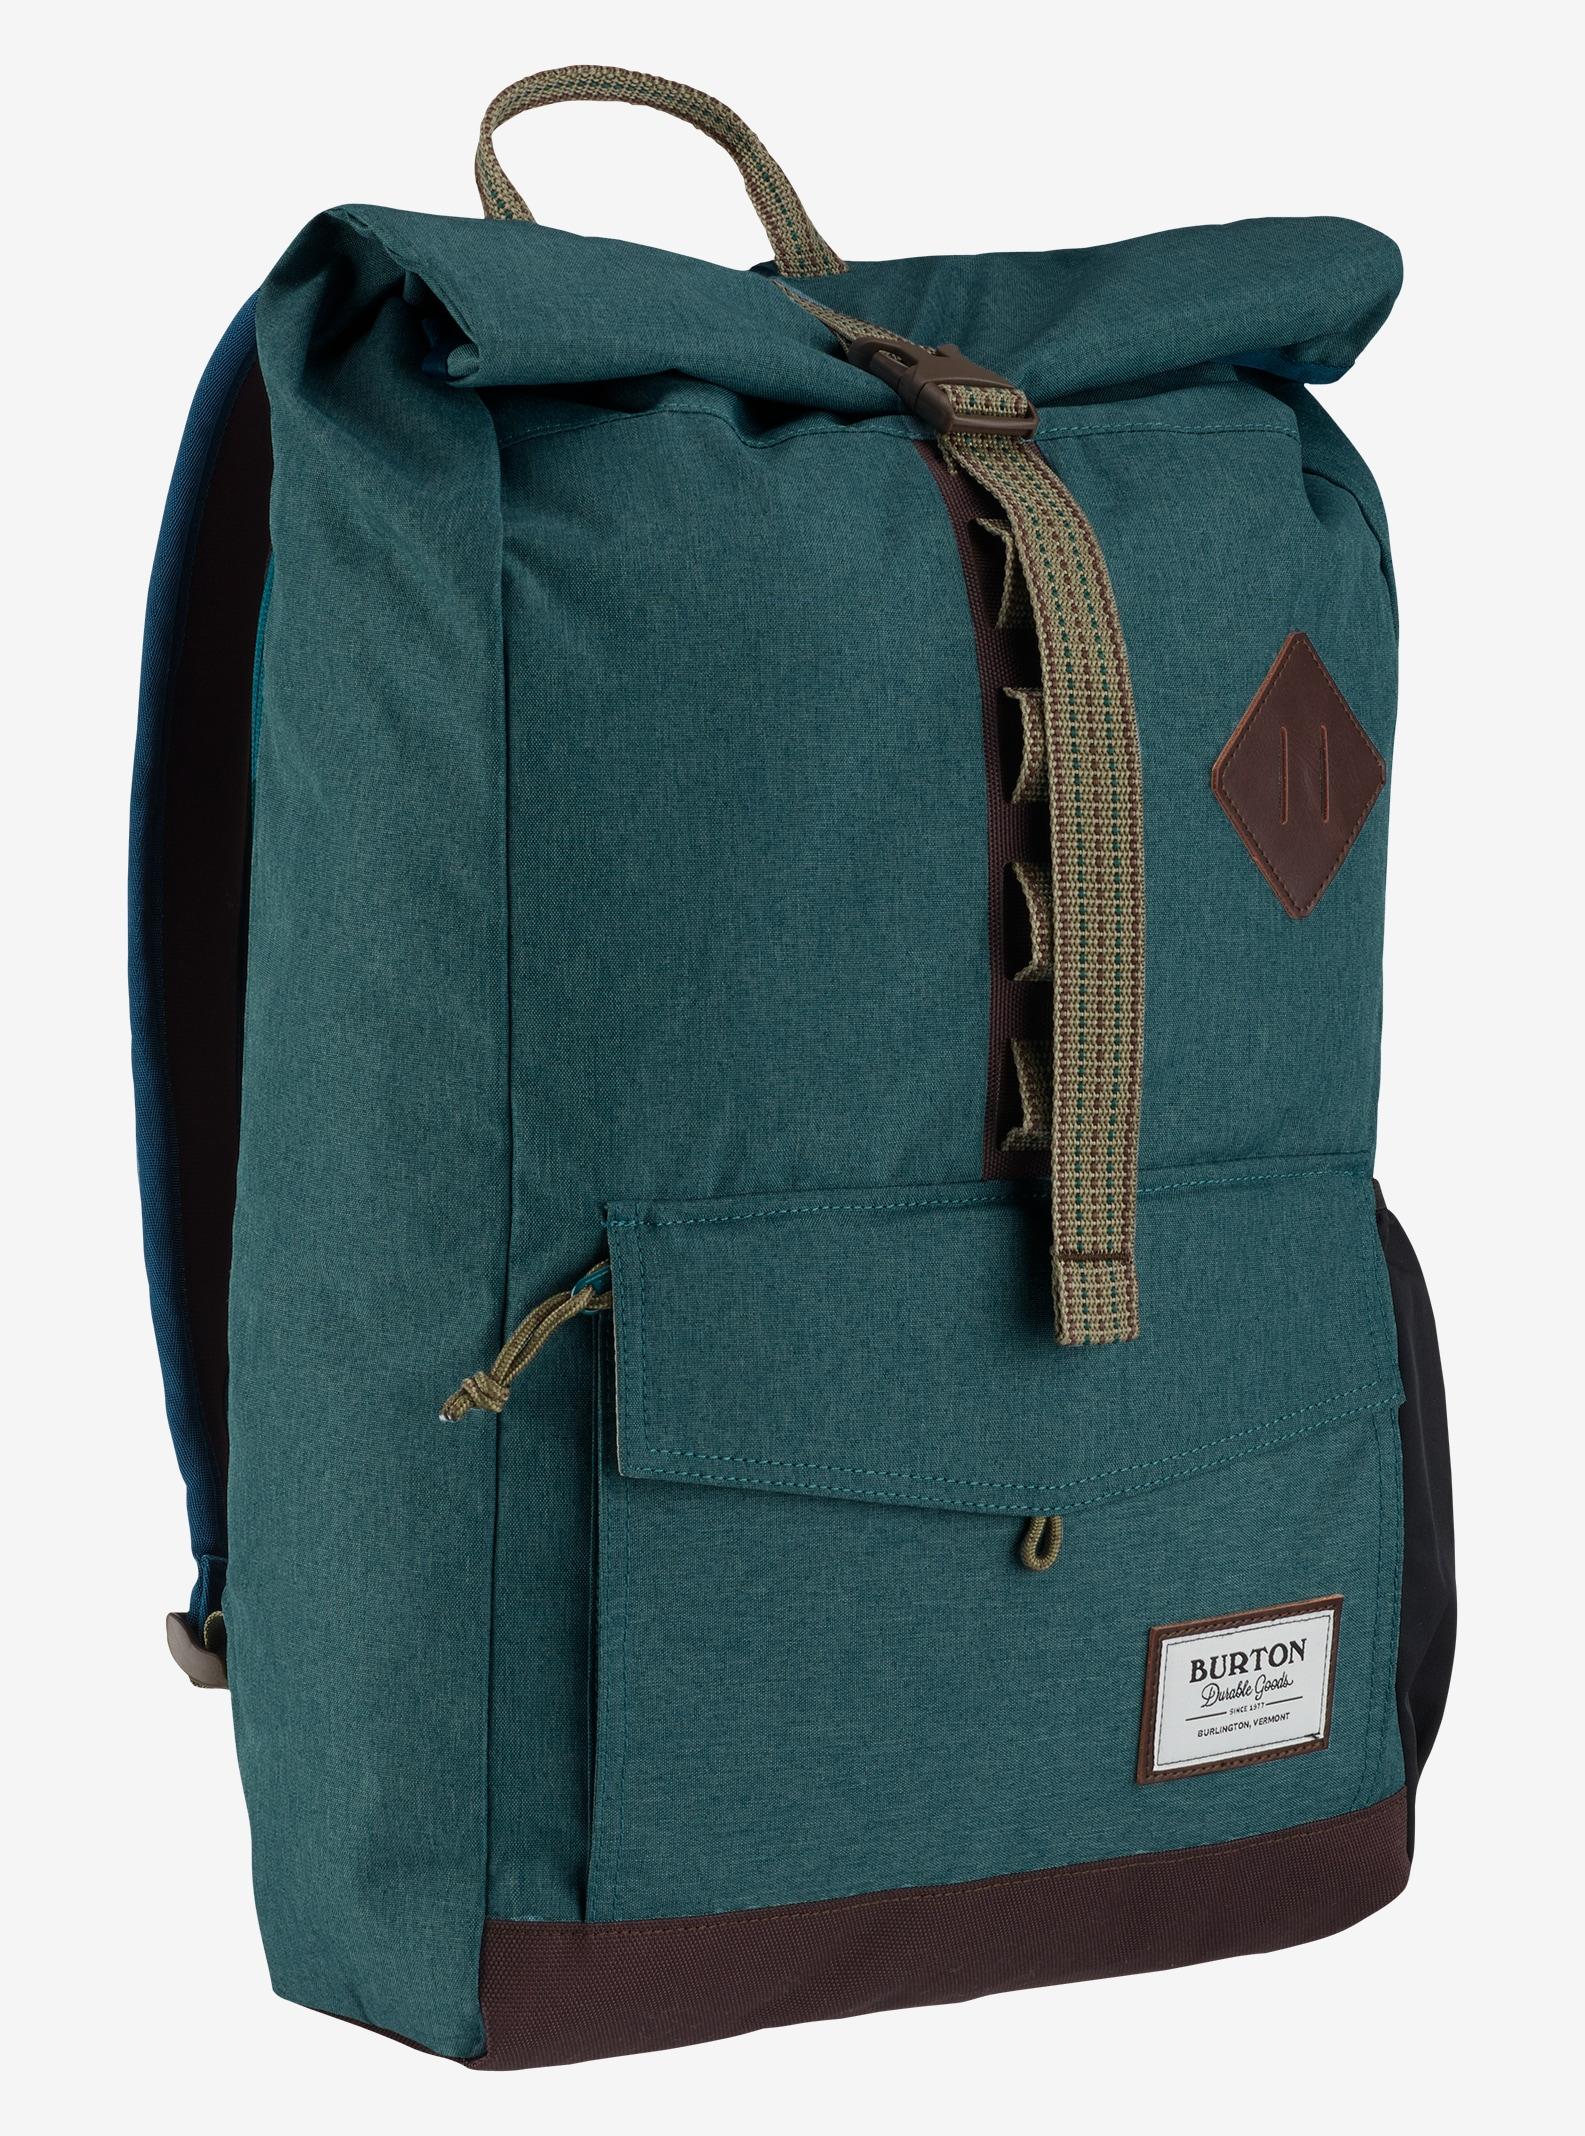 Burton Export Backpack shown in Jasper Heather